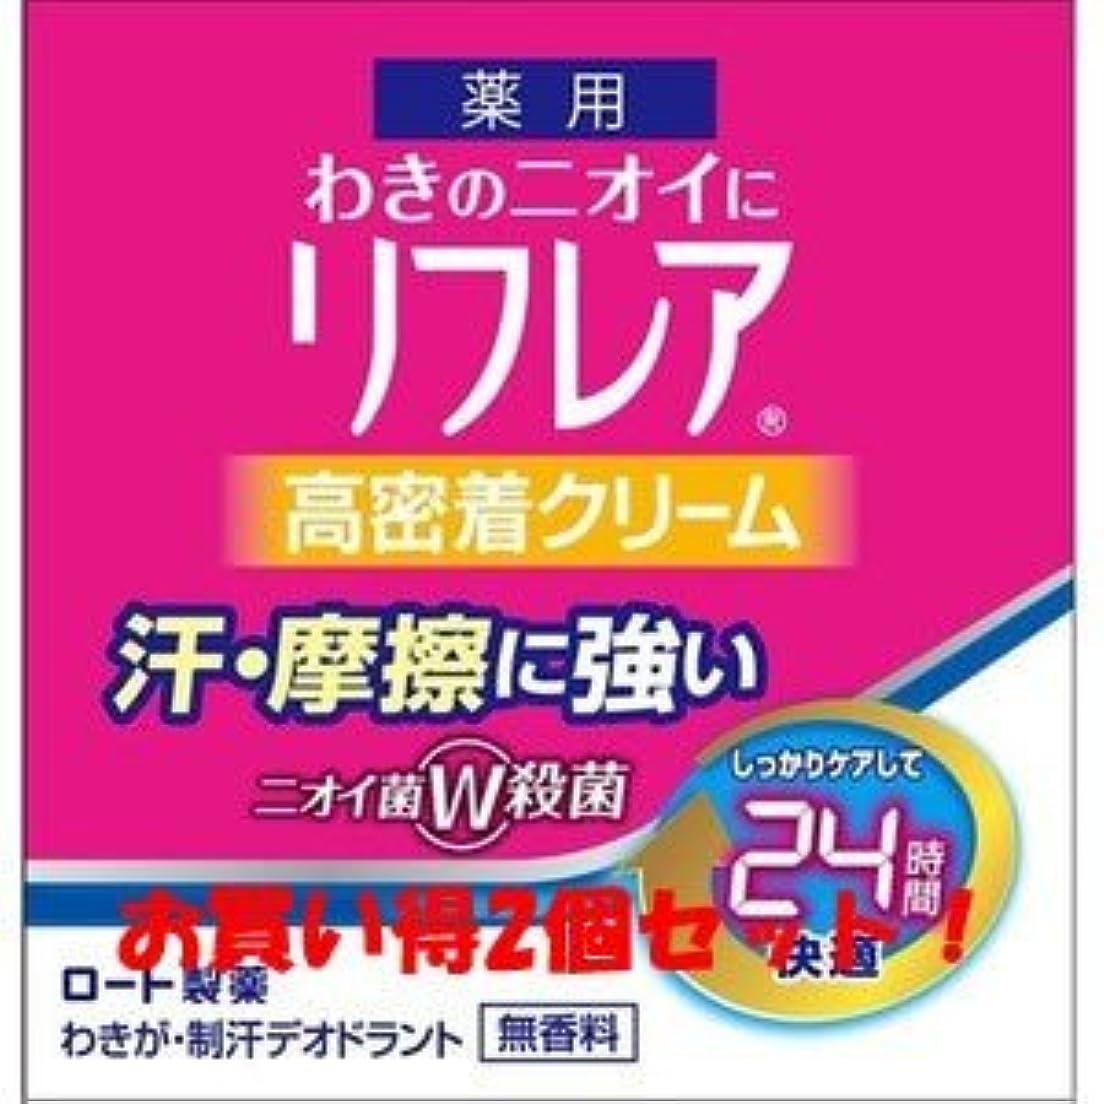 ジーンズ自治的地味な(ロート製薬)メンソレータム リフレア デオドラントクリーム 55g(医薬部外品)(お買い得2個セット)